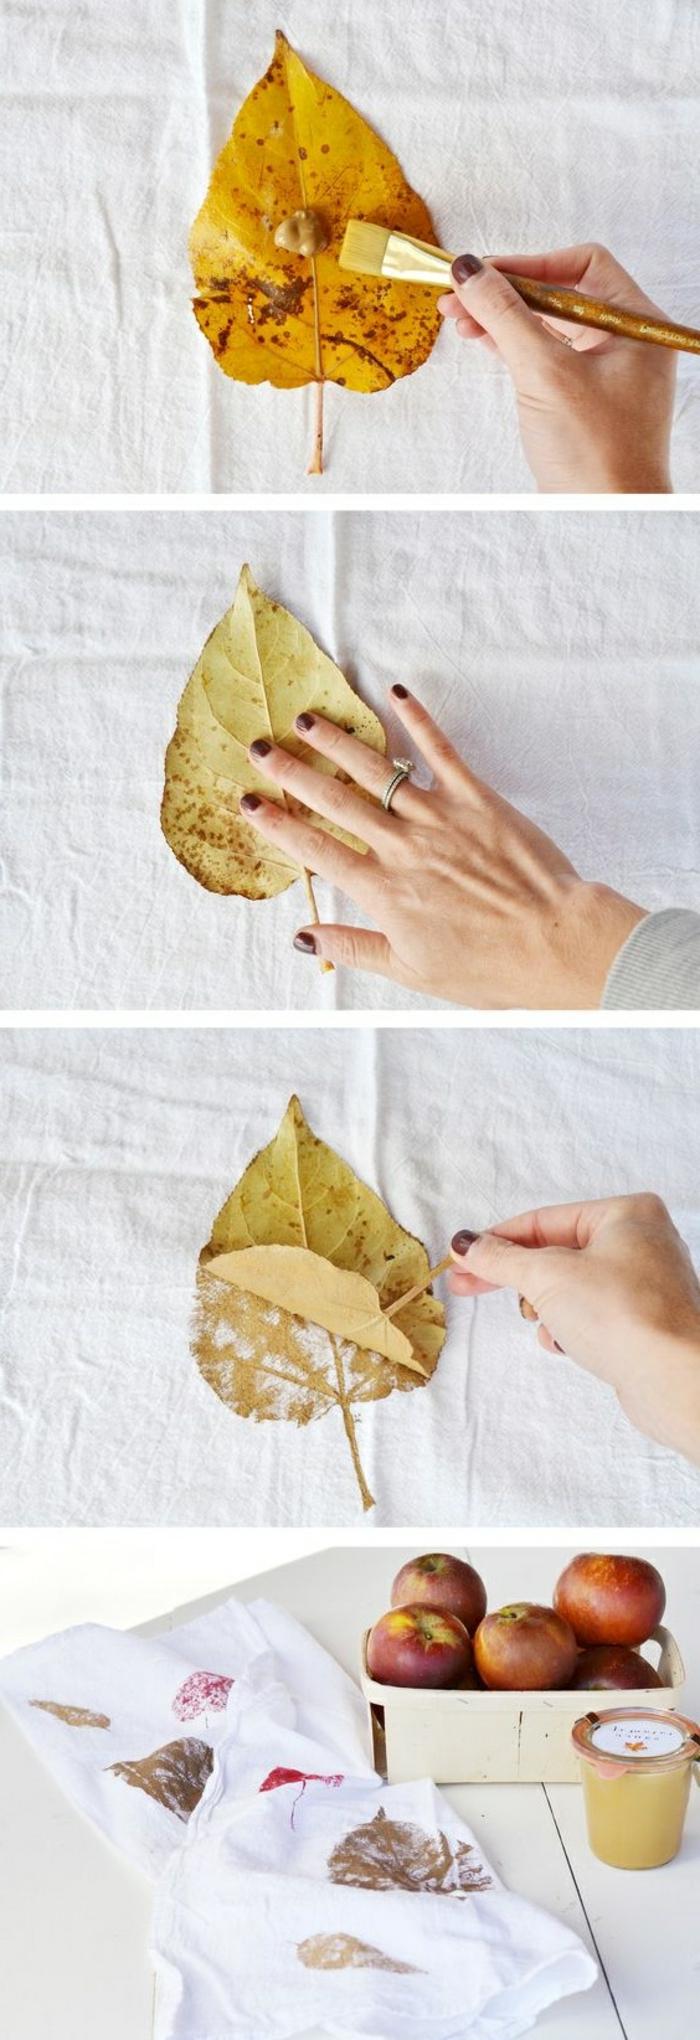 basteln mir blättern, stempel aus baumblatt machen, äpfel, weißer stoff